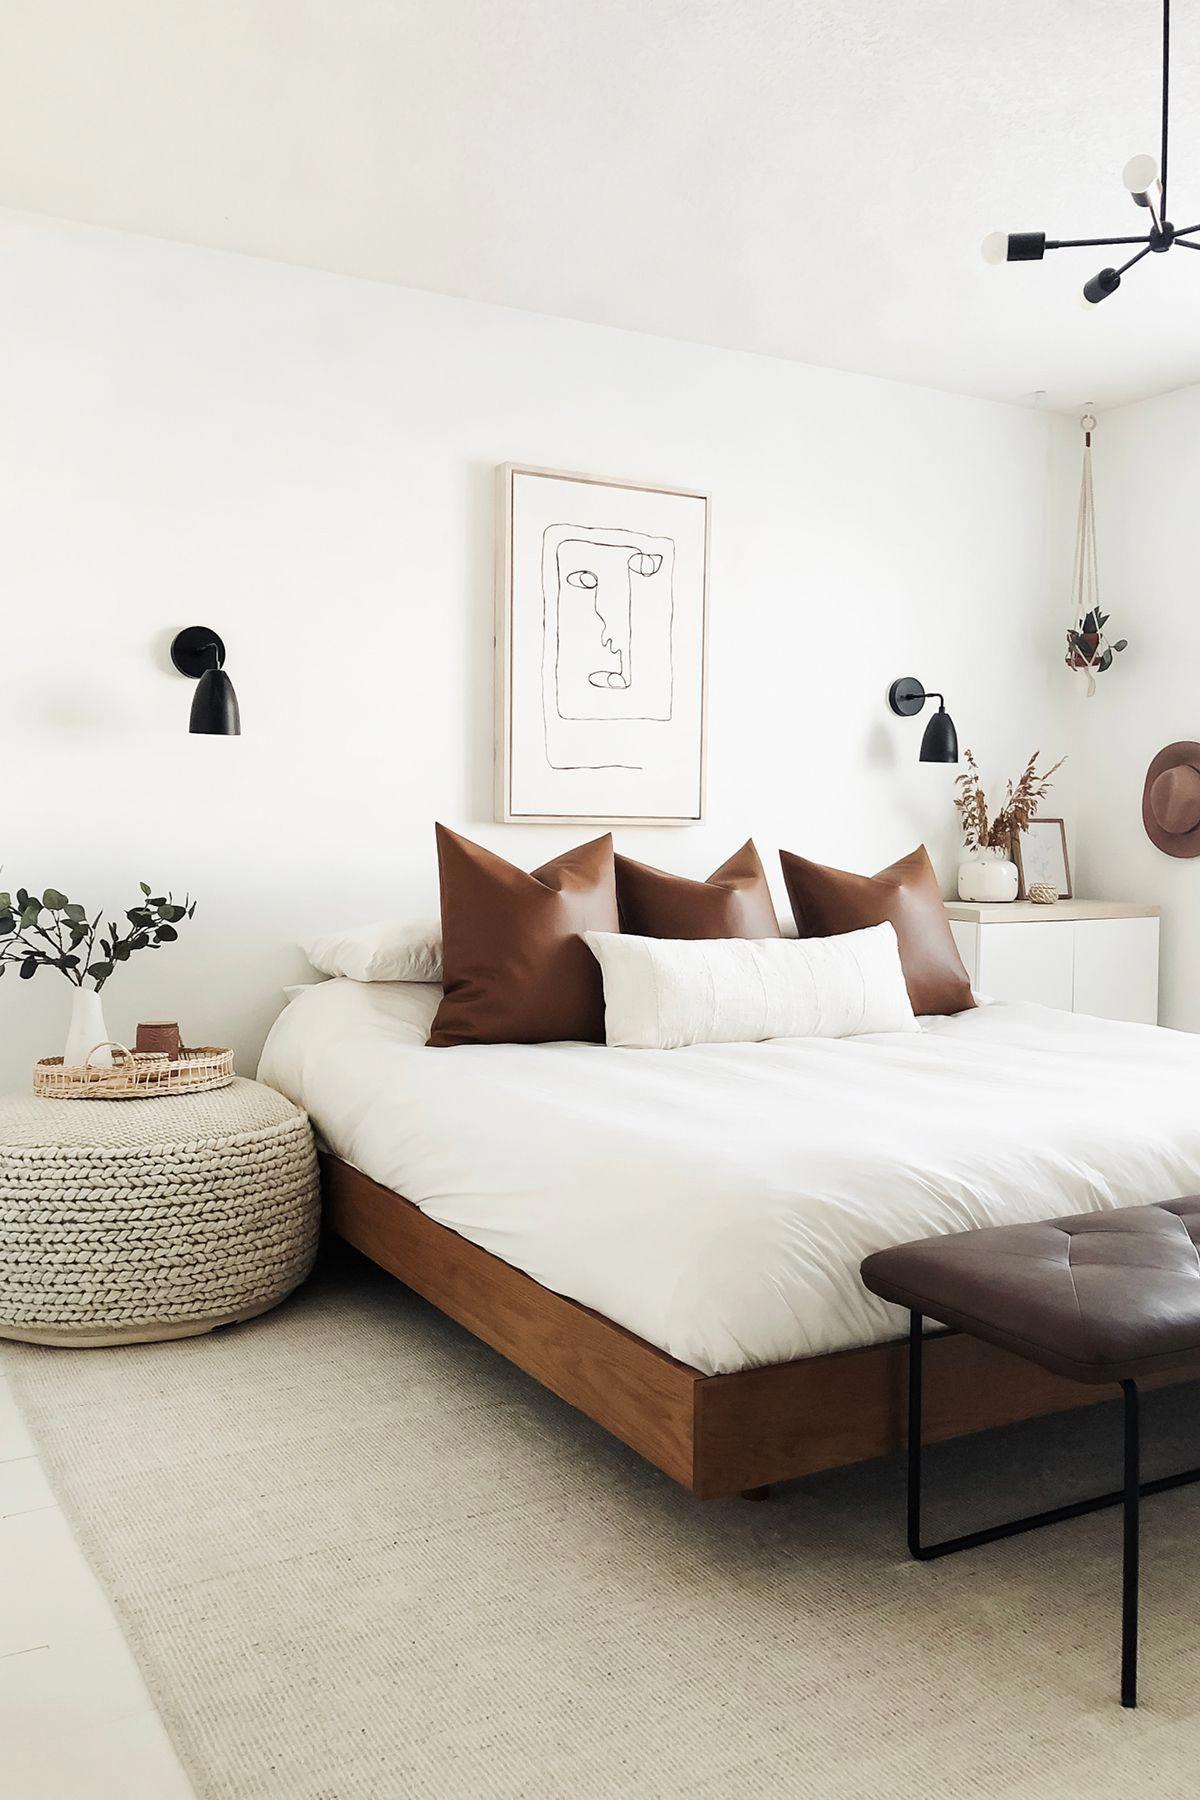 Basi Walnut Queen Bed Frame In 2020 Bedroom Interior Bedroom Refresh Bedroom Inspirations